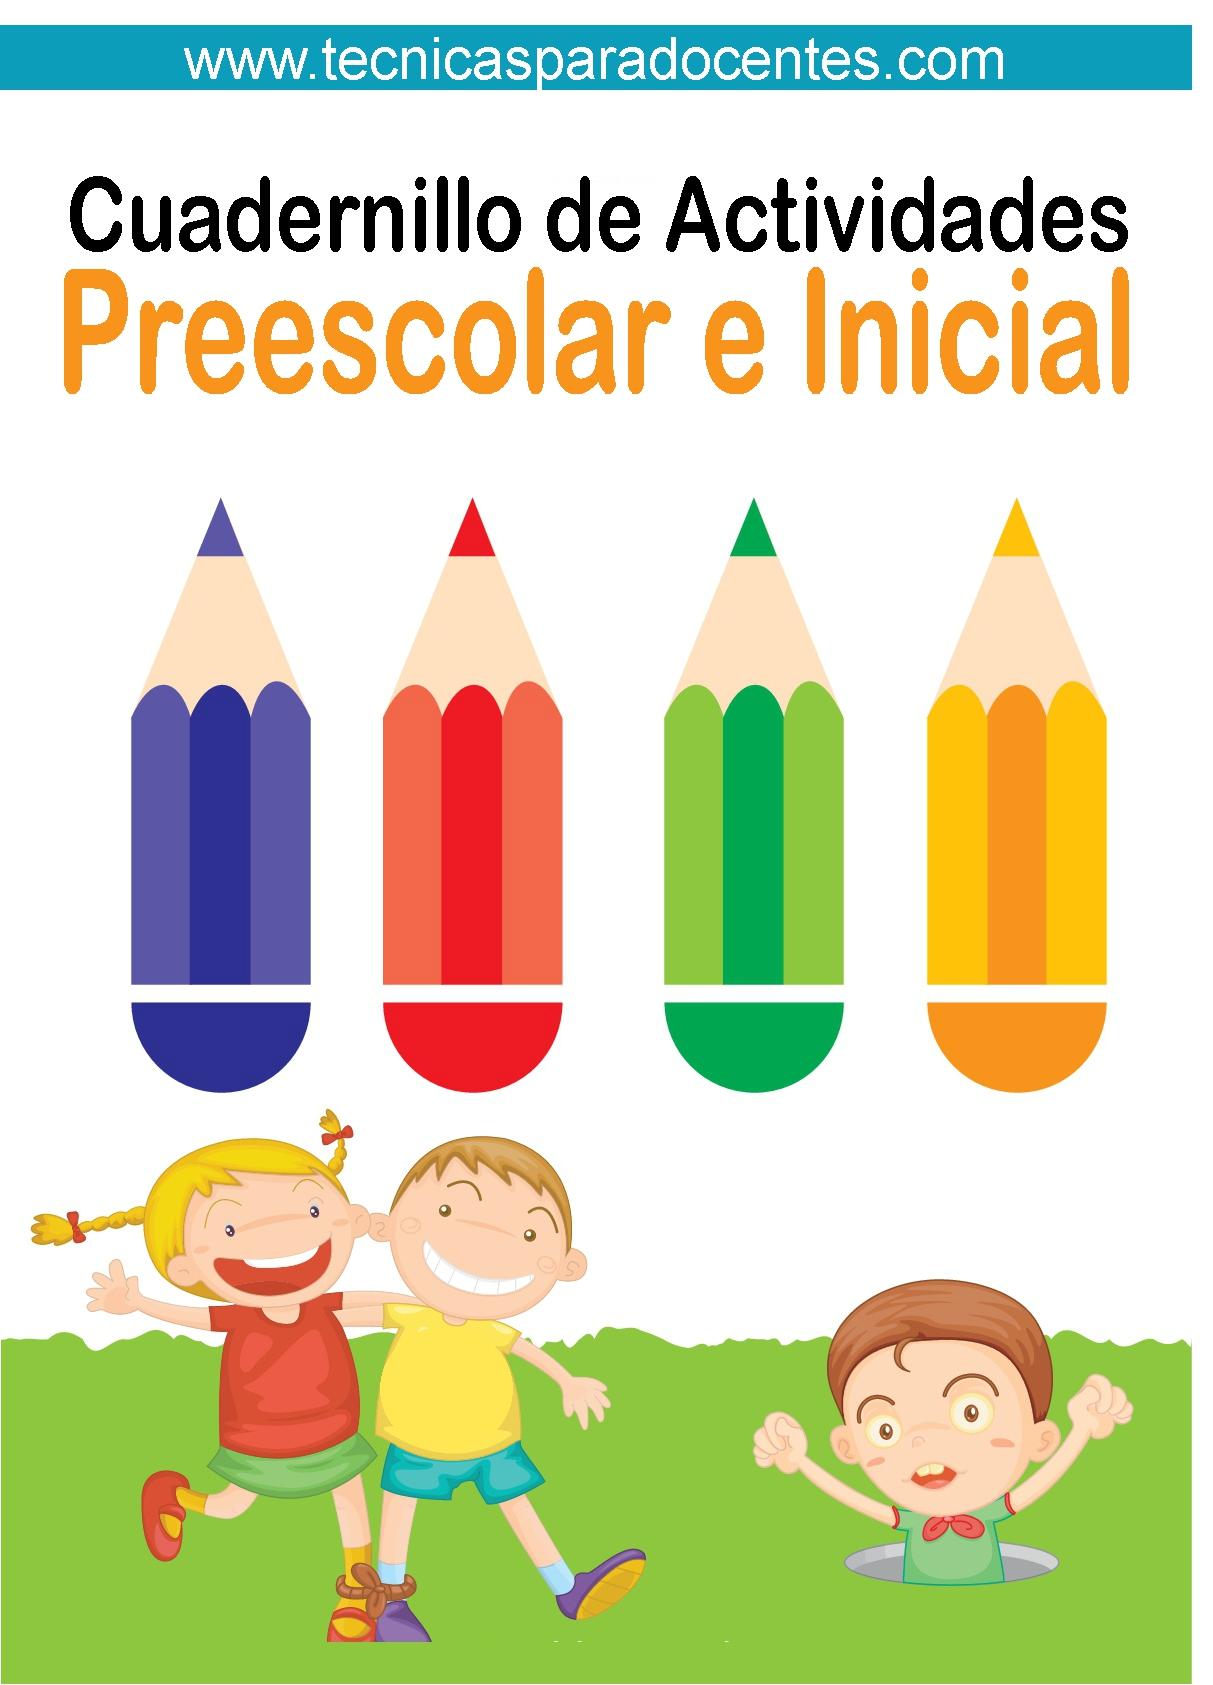 Cuadernillo De Evidencias De Matemáticas 6 : Cuadernillo De Actividades Preescolar Pdf - Libros Favorito